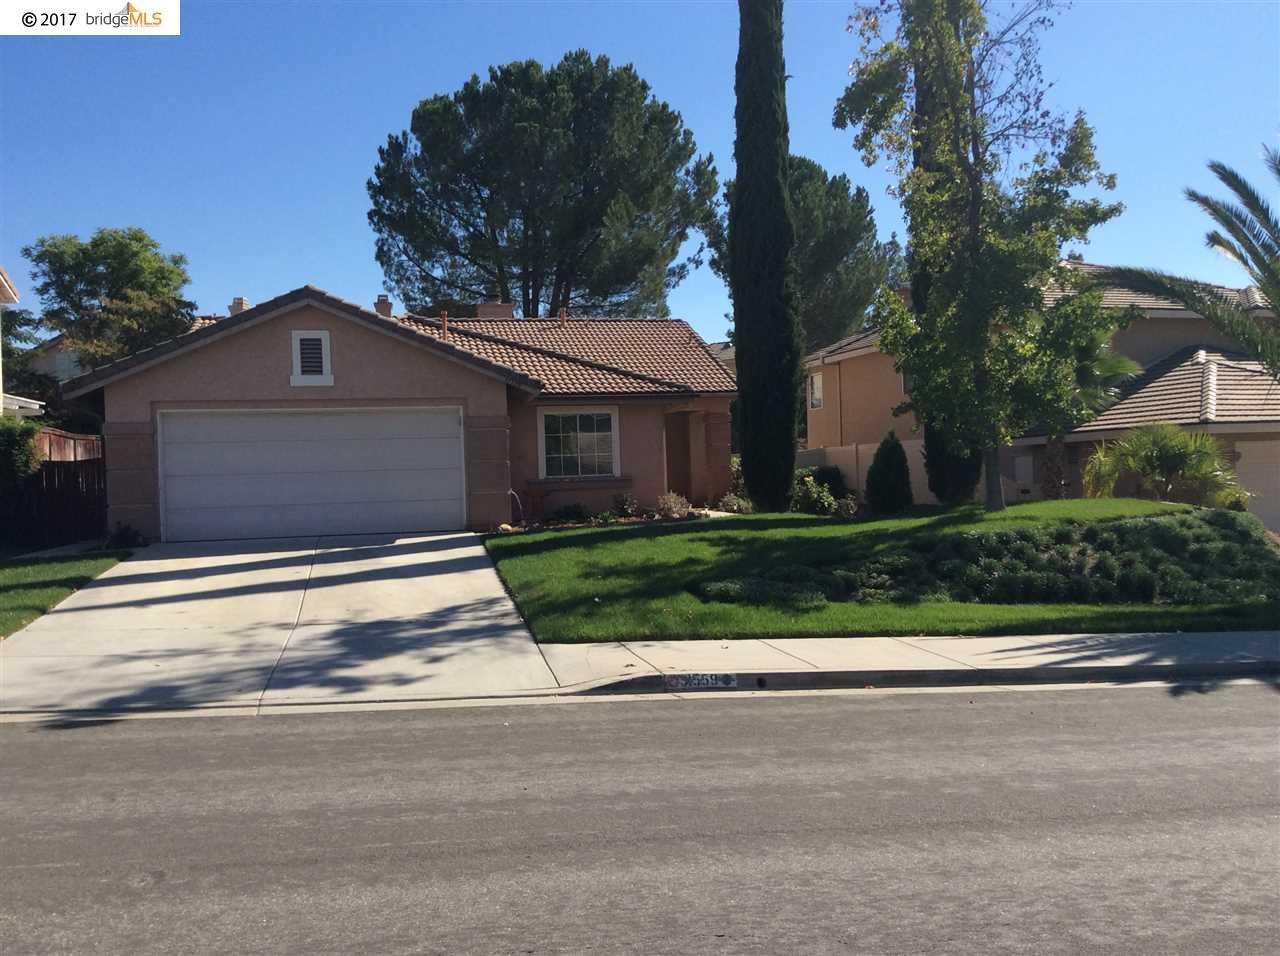 Частный односемейный дом для того Продажа на 31559 Via San Carlos 31559 Via San Carlos Temecula, Калифорния 92592 Соединенные Штаты